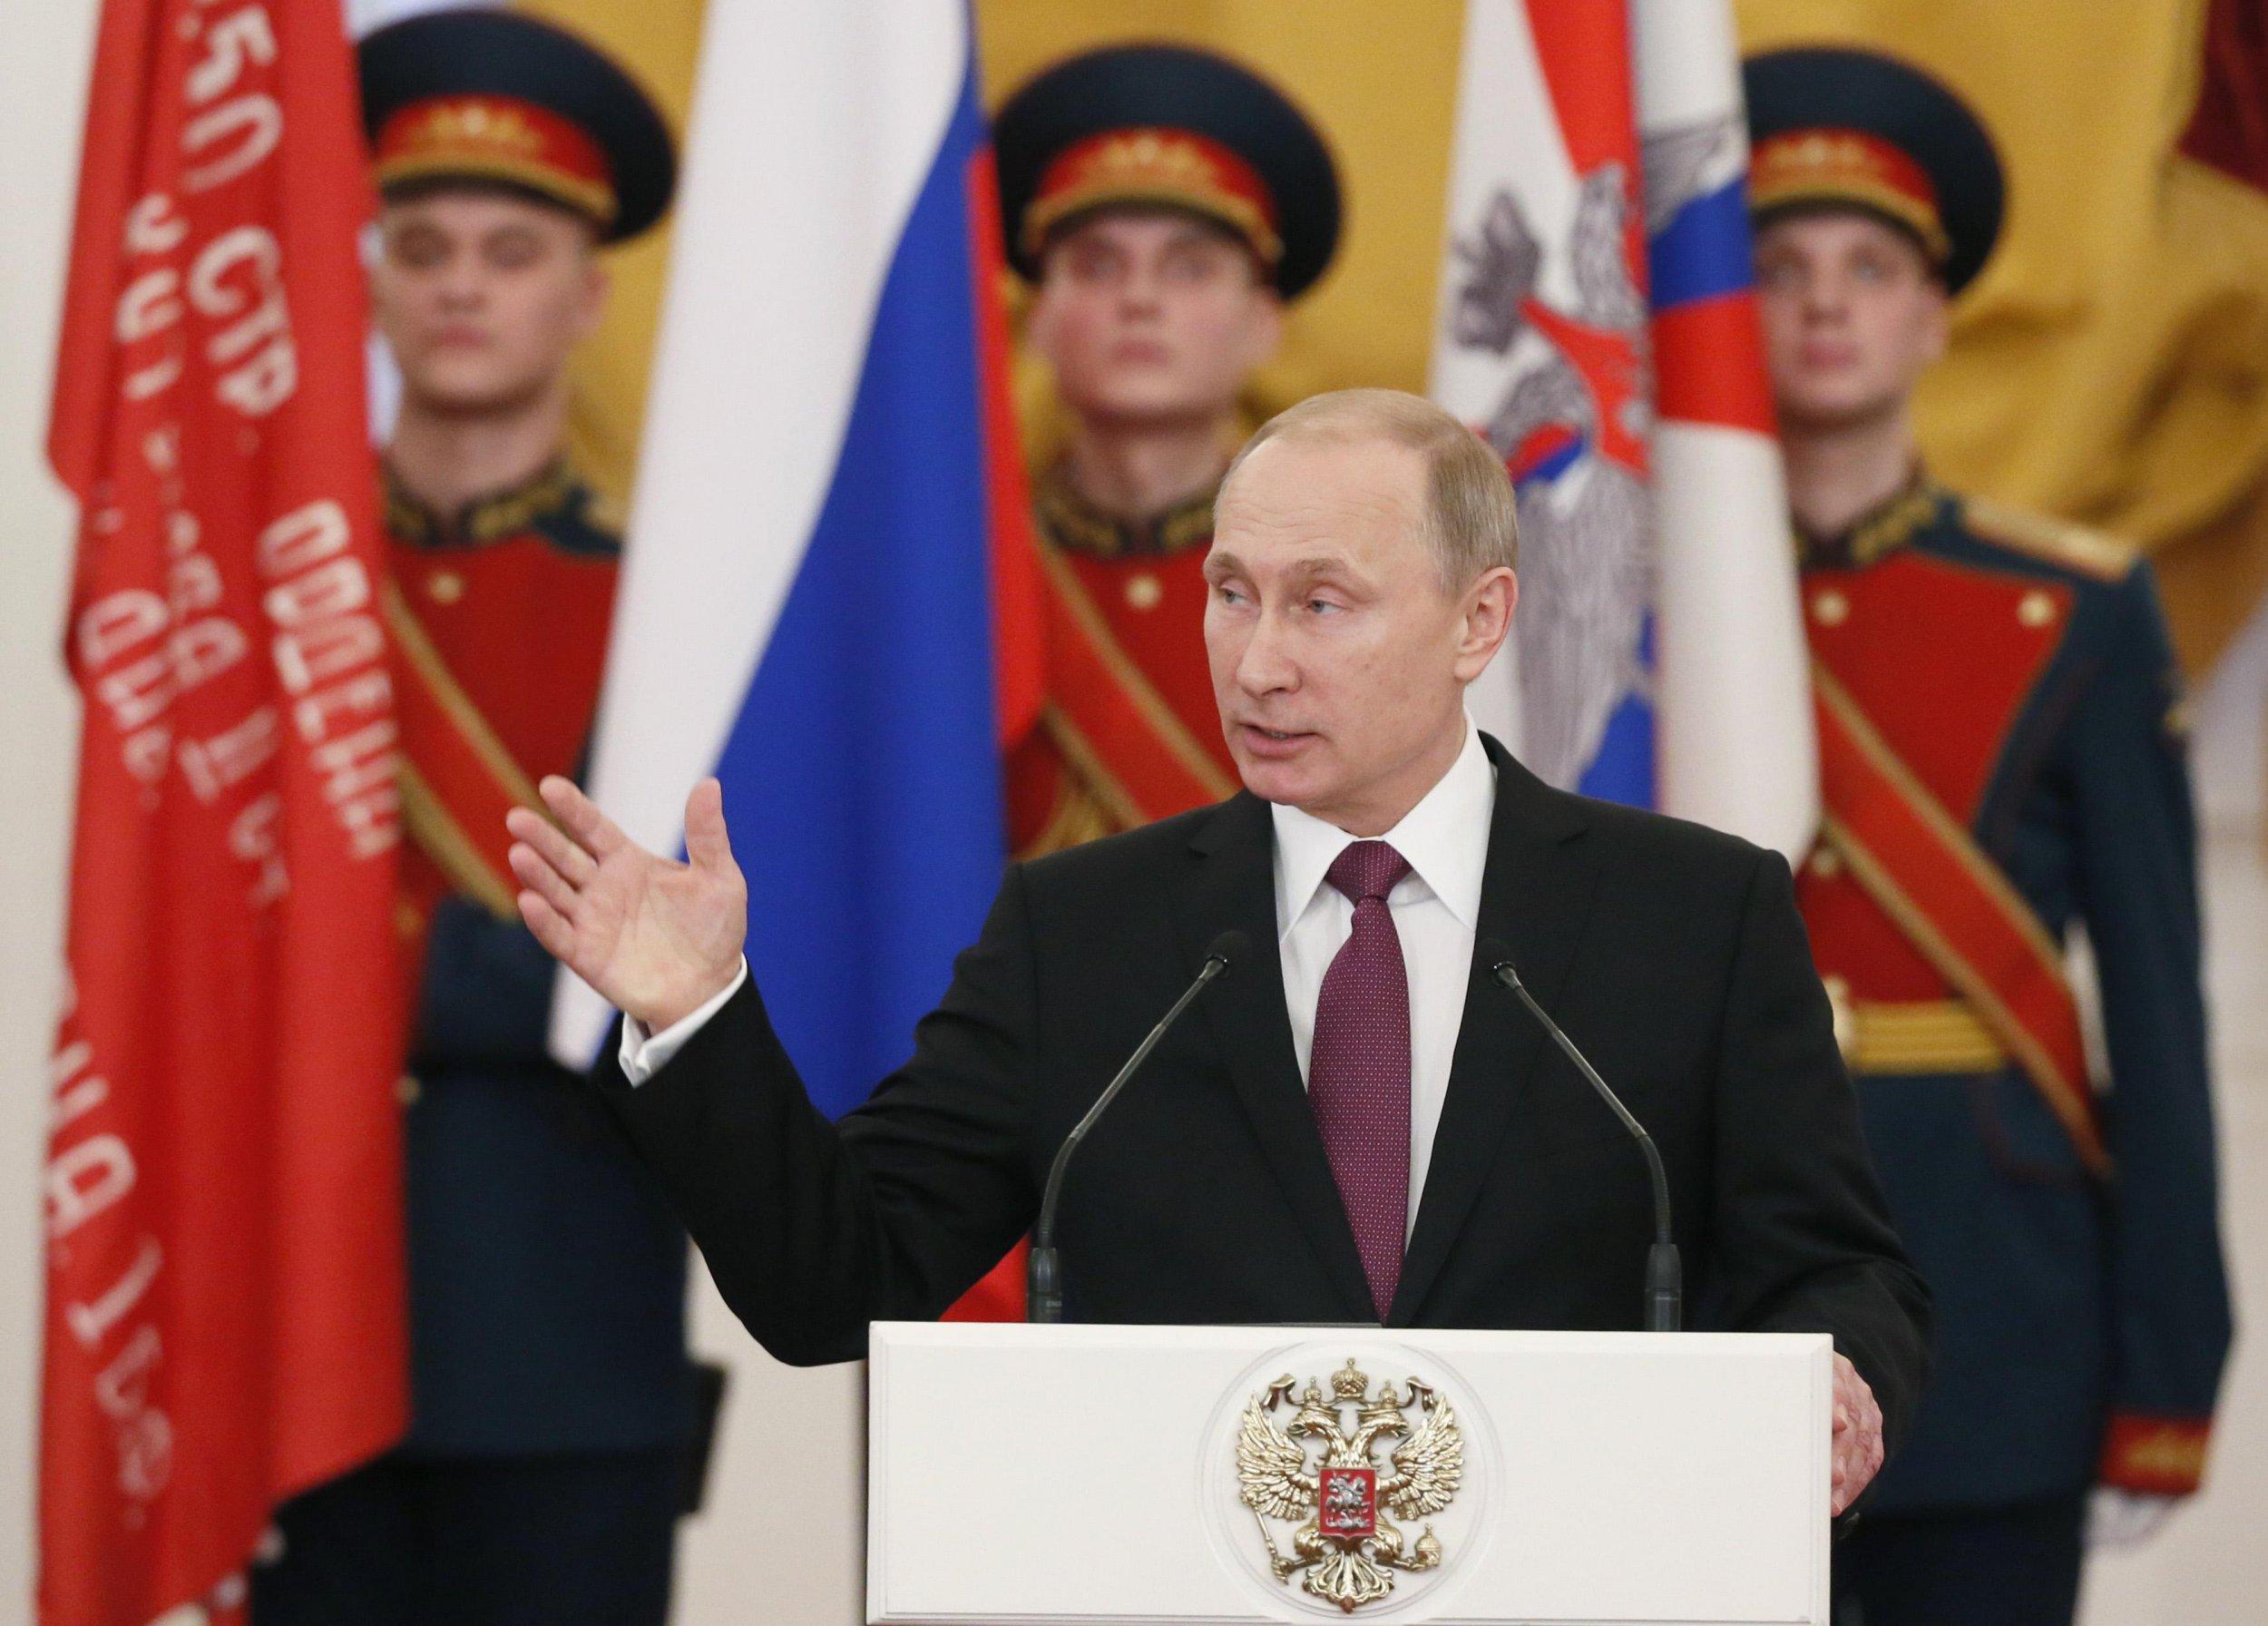 2015-02-20T125331Z_1365434155_GM1EB2K1LYR01_RTRMADP_3_RUSSIA-POLITICS